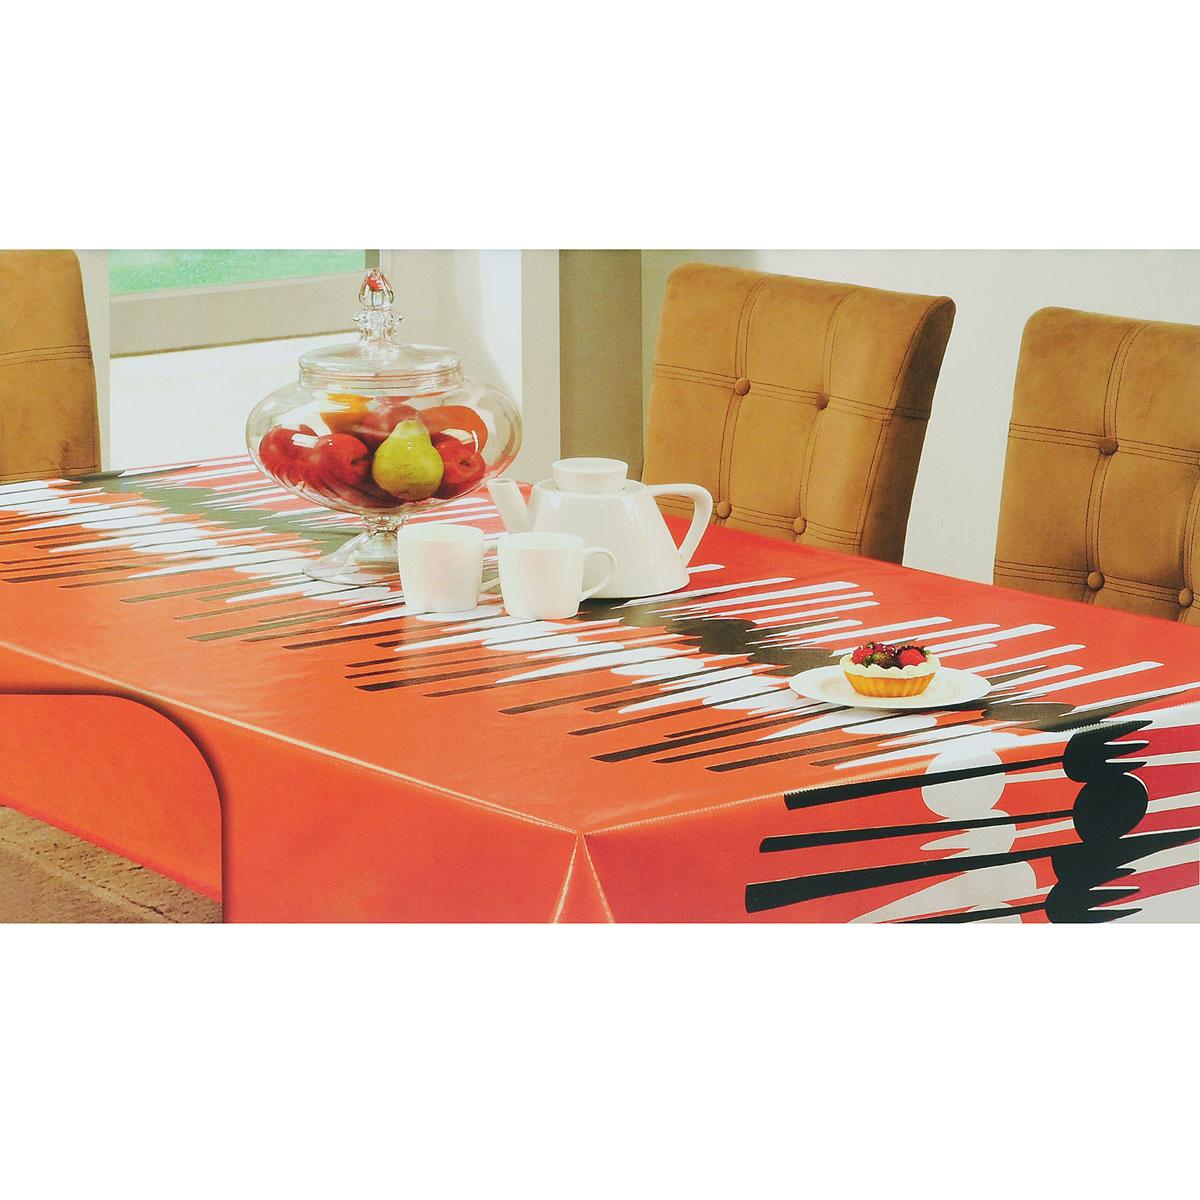 Скатерть White Fox Осень, прямоугольная, цвет: красный, оранжевый, 120x 152 смVT-1520(SR)Прямоугольная скатерть White Fox Осень, выполненная из ПВХ с основой из флиса, предназначена для защиты стола от царапин, пятен и крошек. Край скатерти обработан тканью. Скатерть оформлена изображением столовых приборов, а рифлёная поверхность скатерти формирует приятные тактильные ощущения, при этом частички пищи удаляются с легкостью и поверхность остается всегда чистой. Скатерть термостойкая, выдерживает температуру до +70 °C.Скатерть White Fox проста в уходе - её можно протирать любыми моющими средствами при необходимости.Скатерть упакована в виниловый пакет с внутренним цветным вкладышем и подвесом в виде крючка.